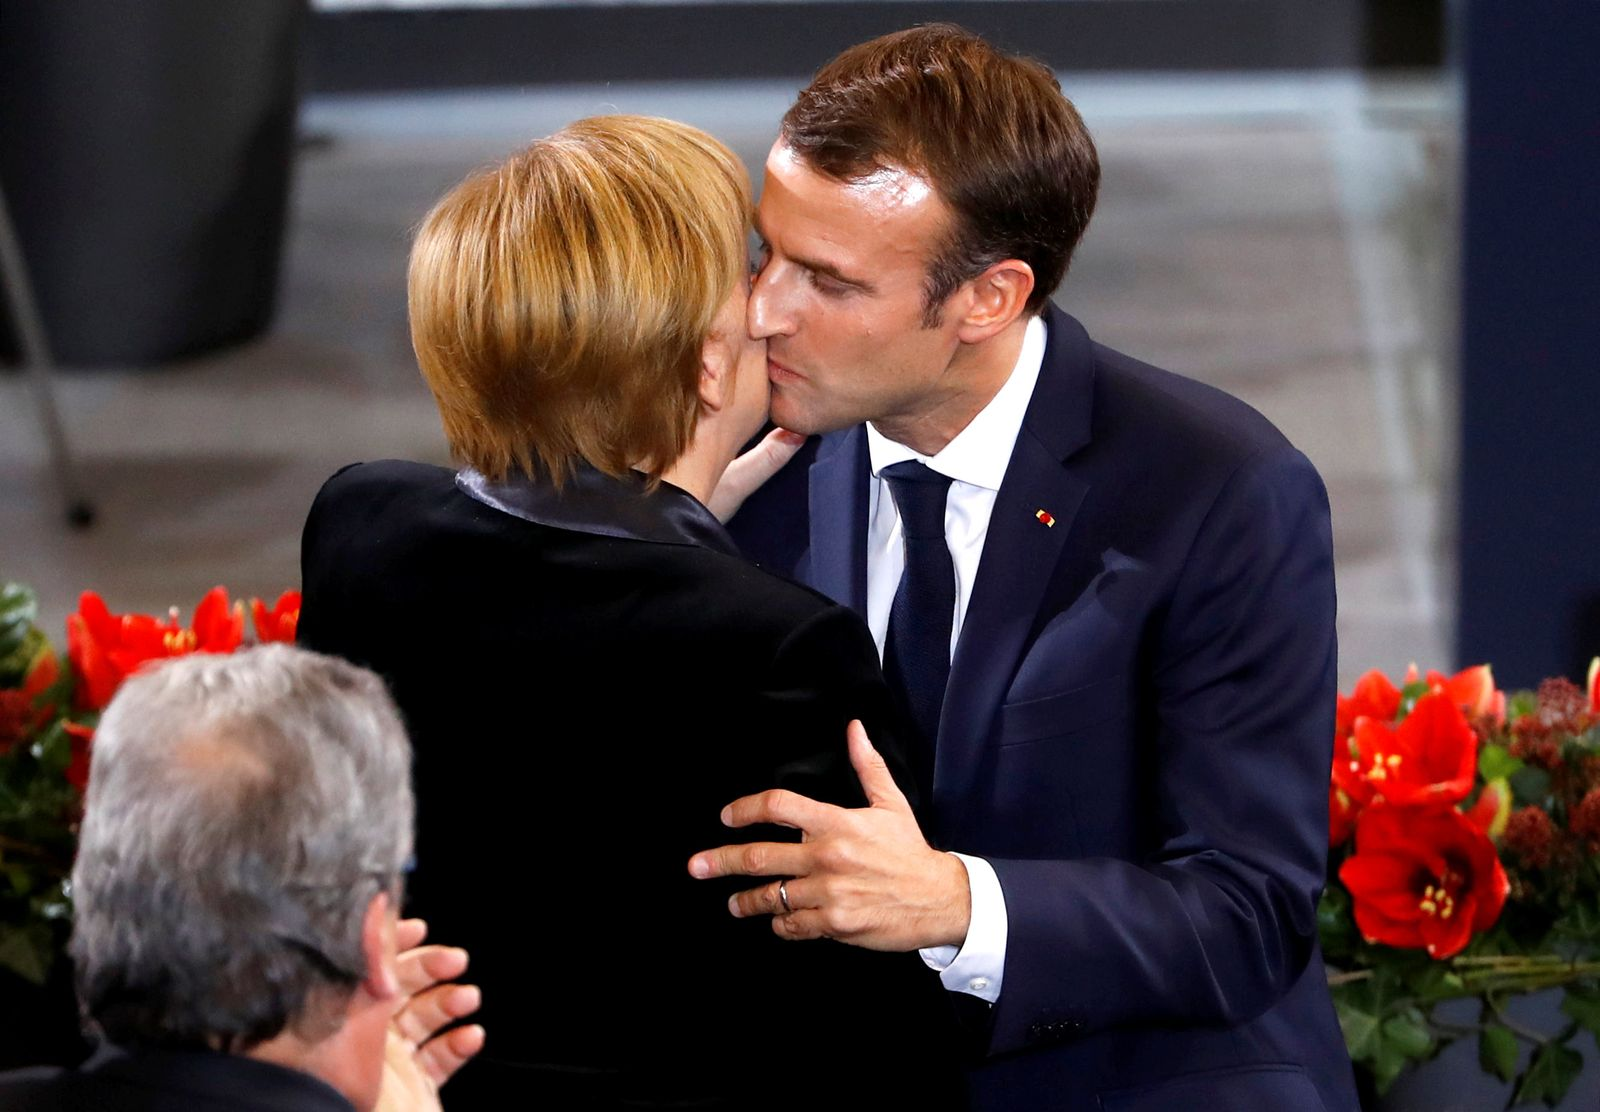 Emmanuel Macron/ Berlin